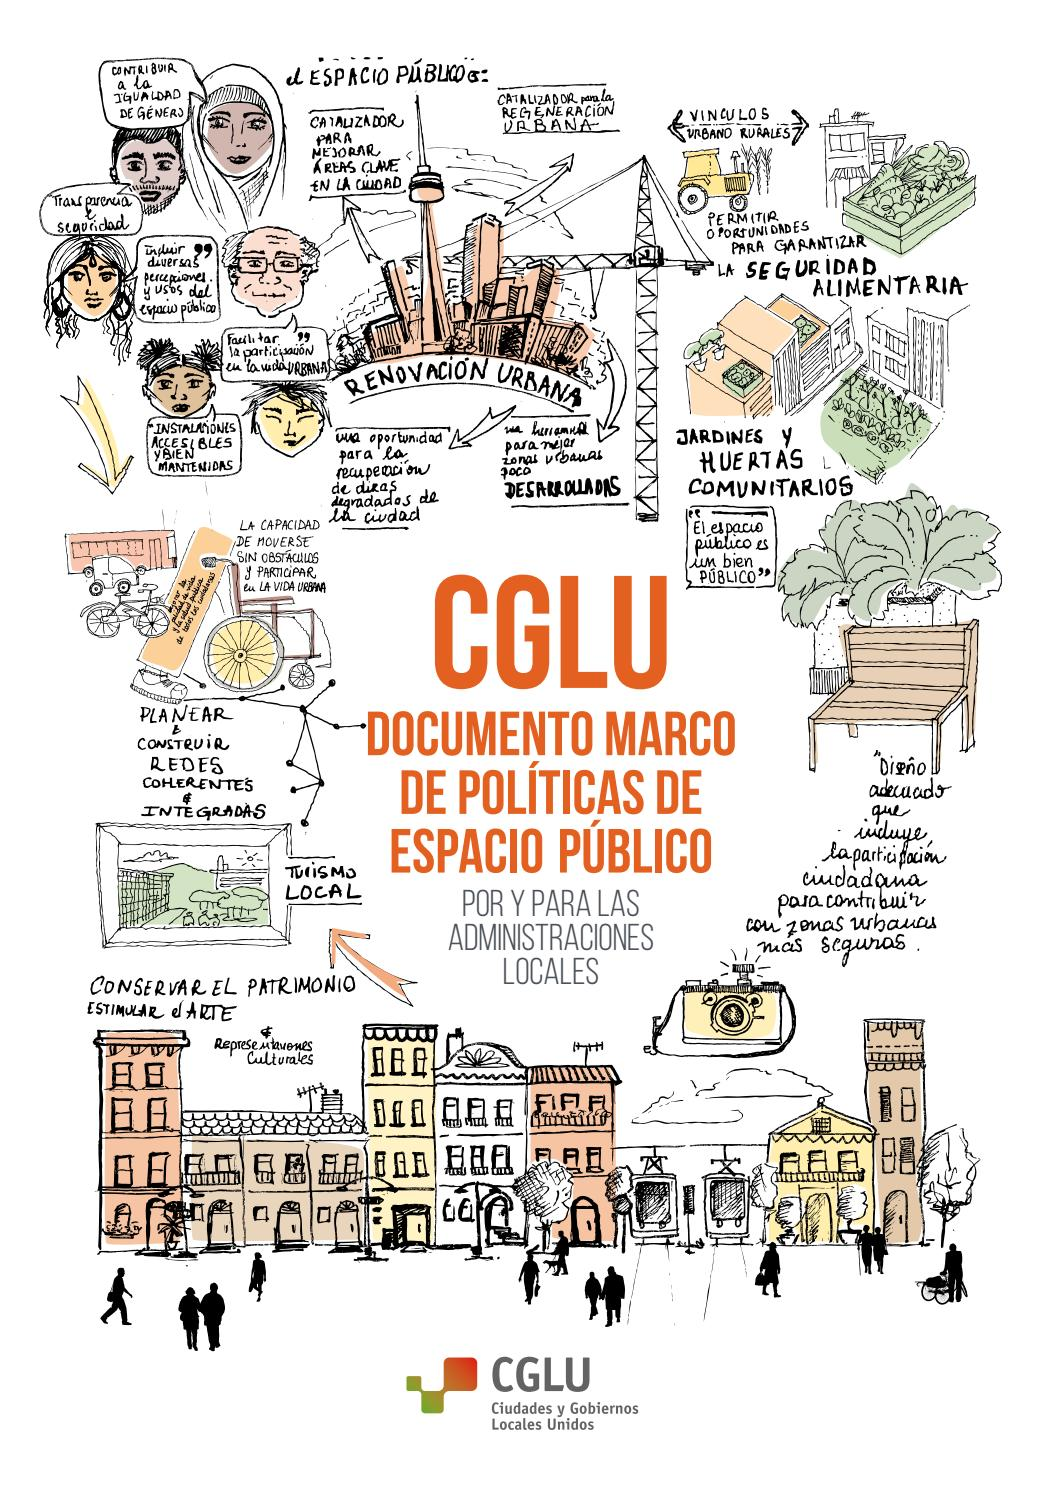 Documento marco de políticas de espacio público by UCLG - issuu